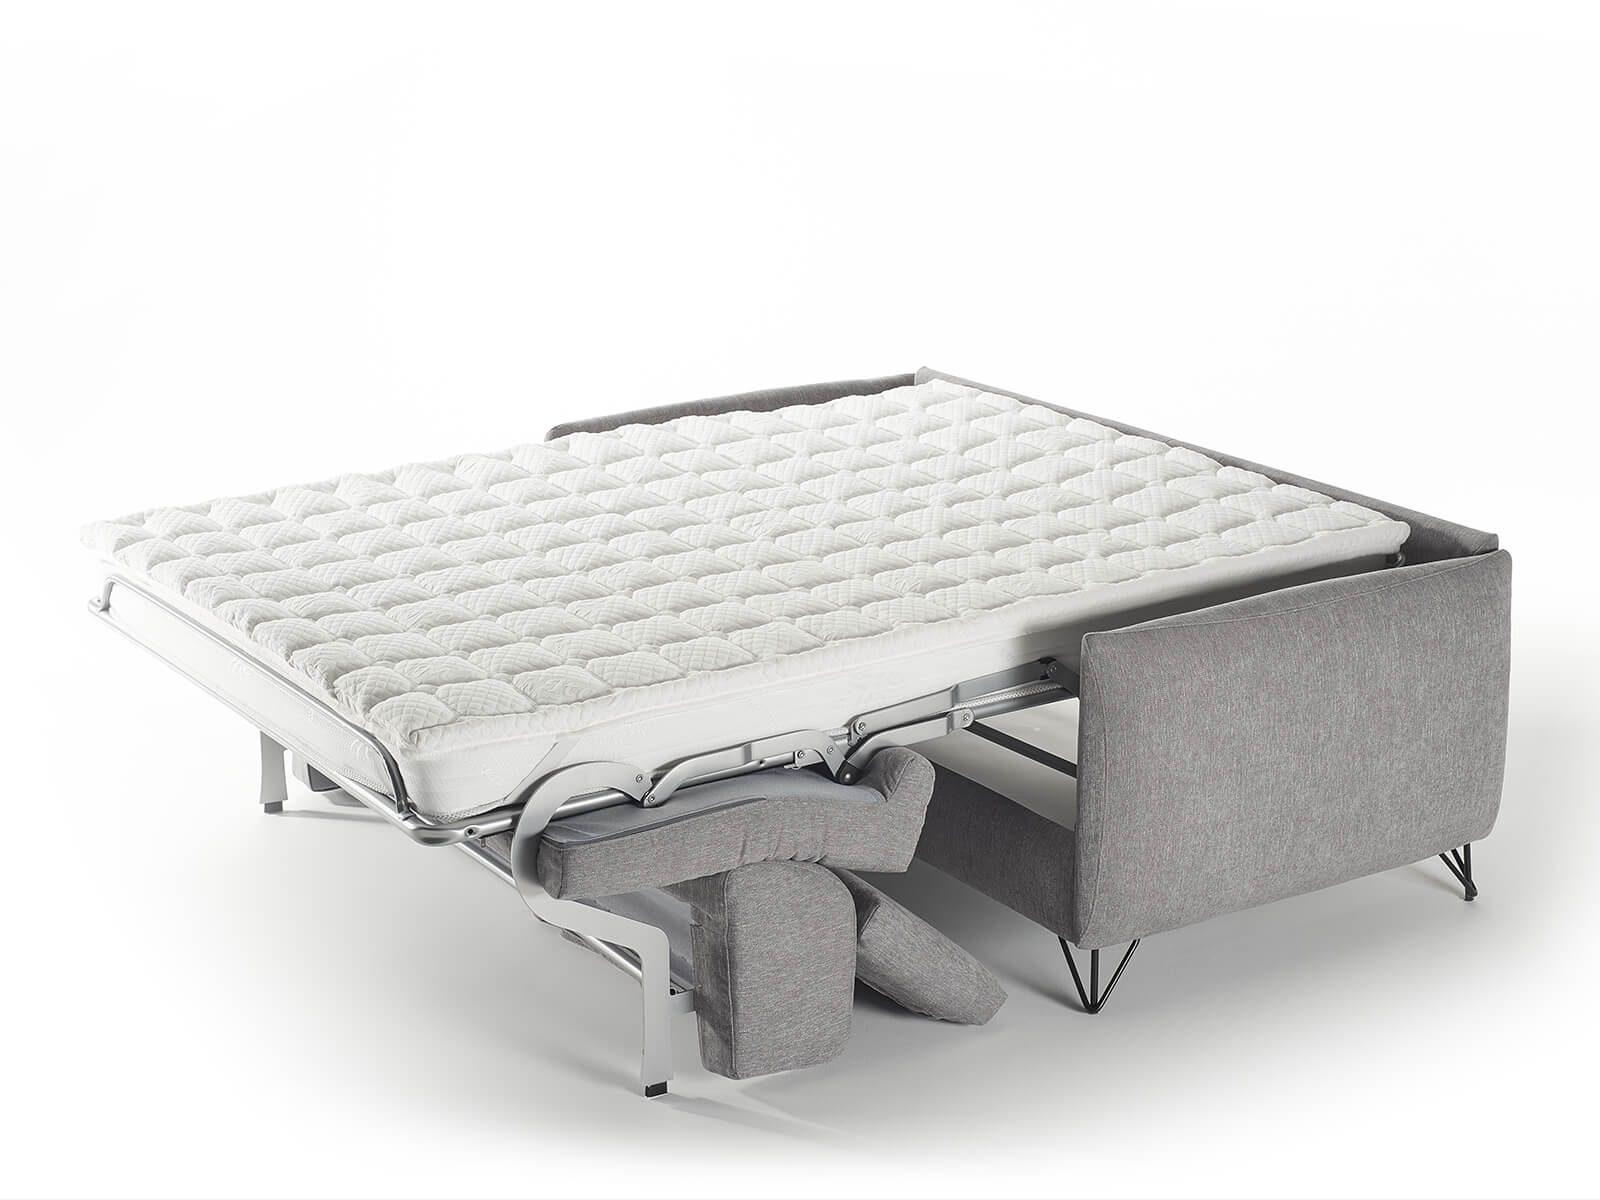 Vendita accessori divani letto - topper